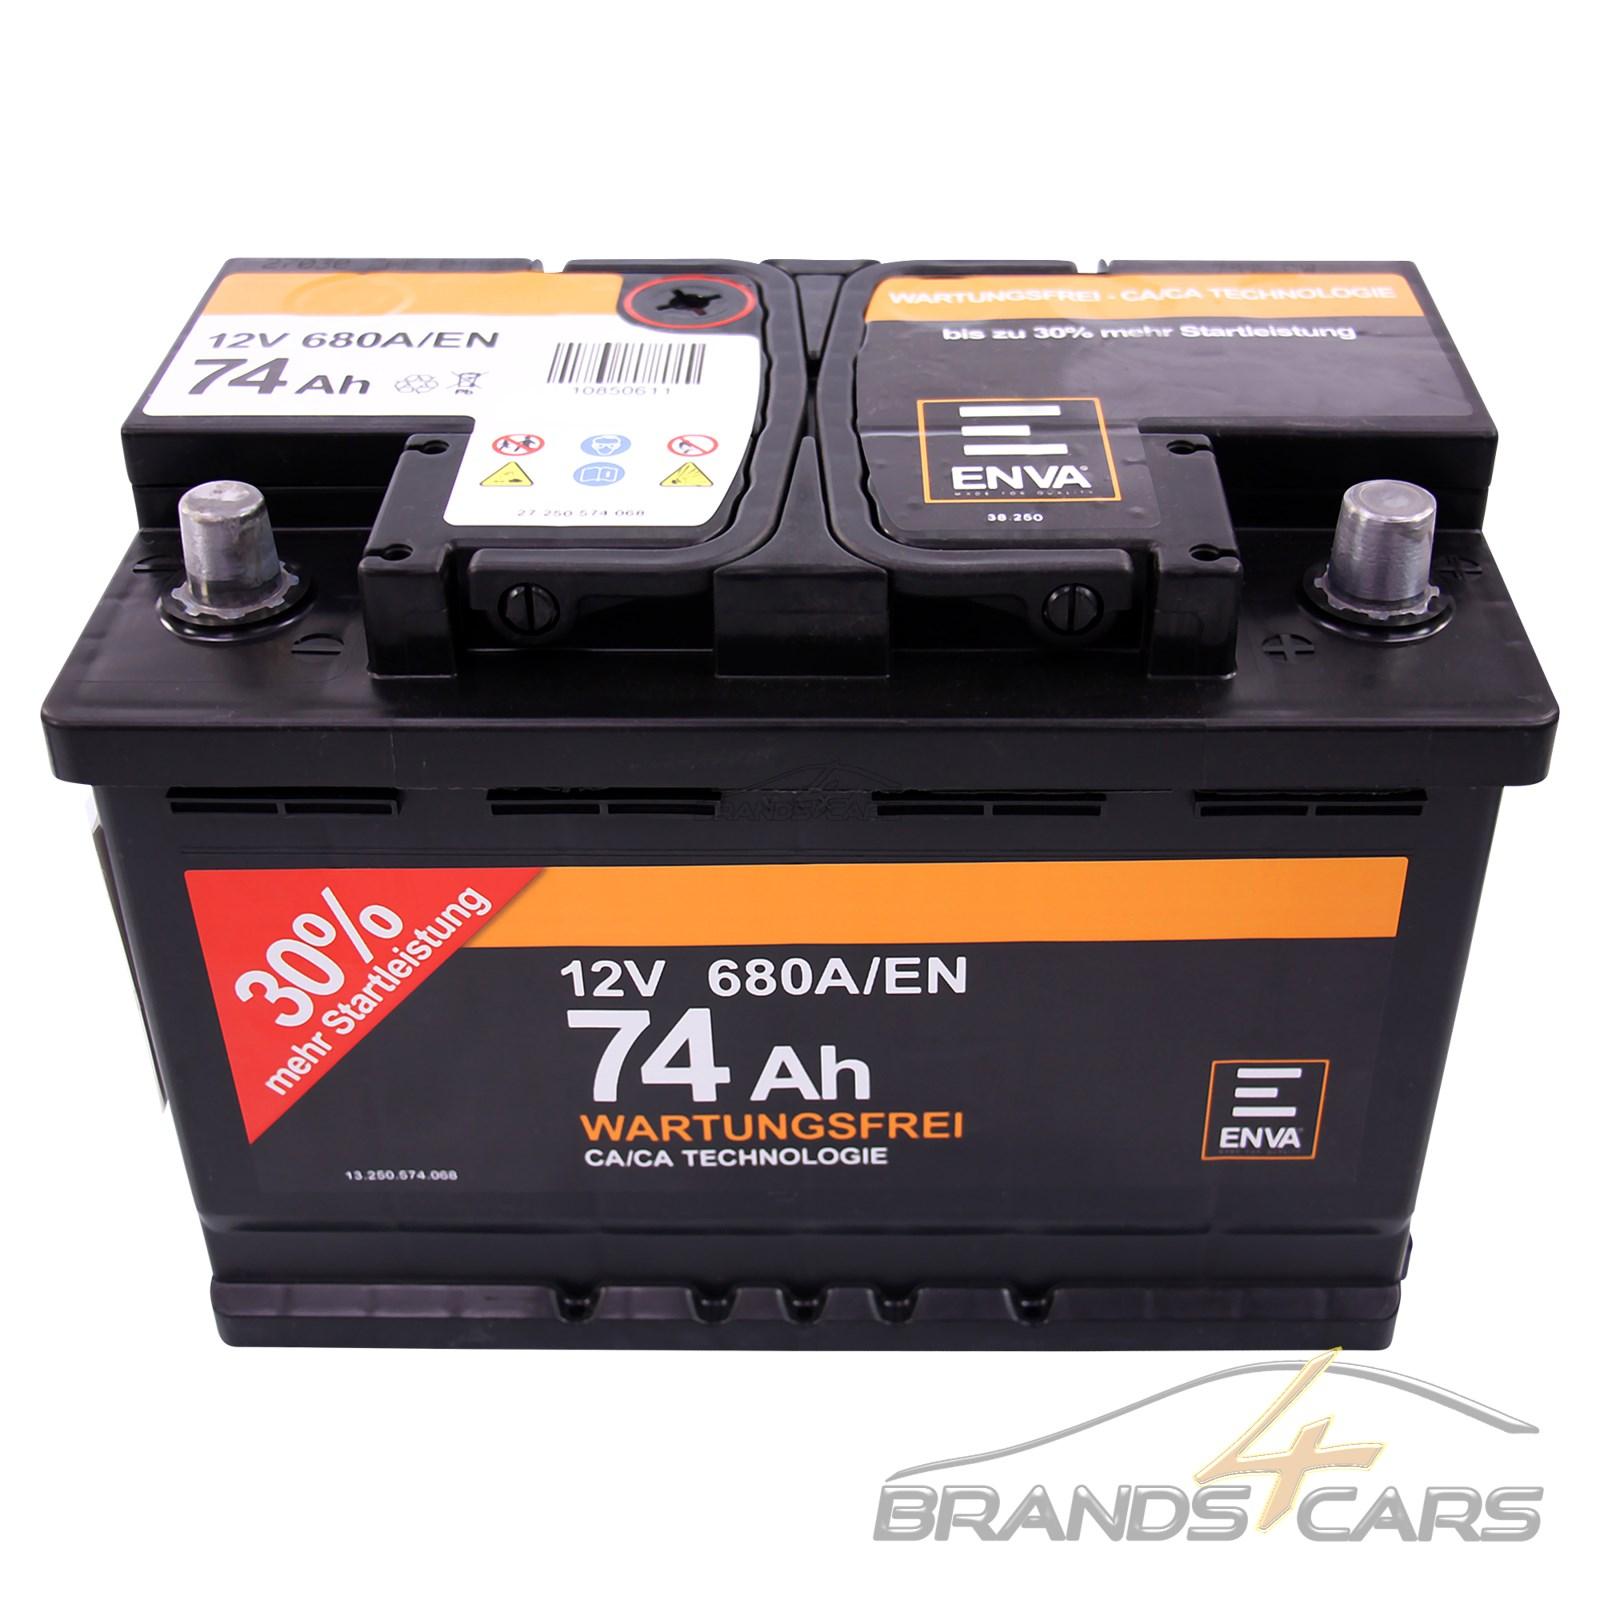 enva 74ah 680a 12v autobatterie starterbatterie batterie. Black Bedroom Furniture Sets. Home Design Ideas